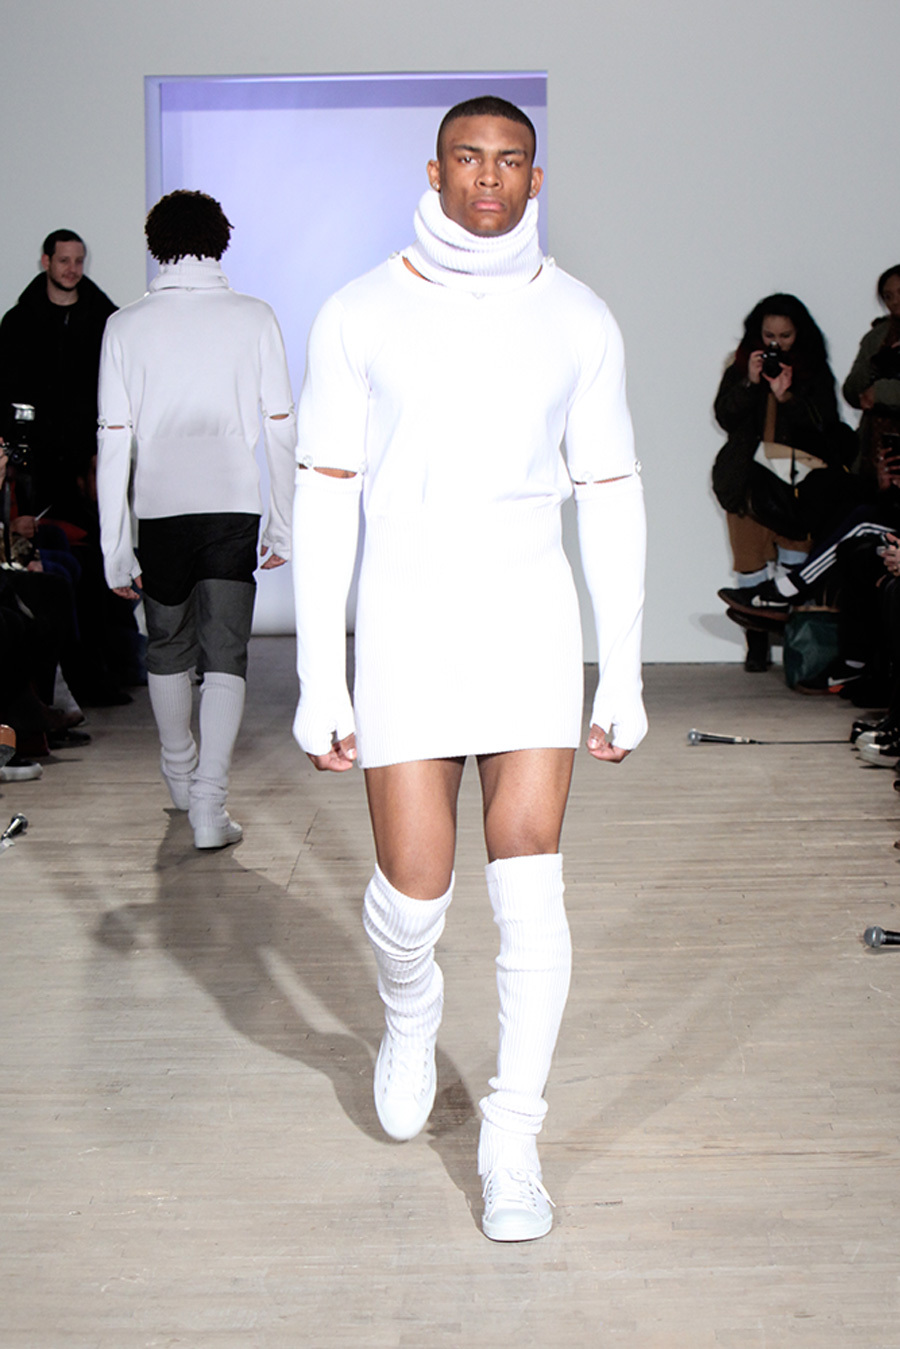 Quiero un hombre vestido de mujer